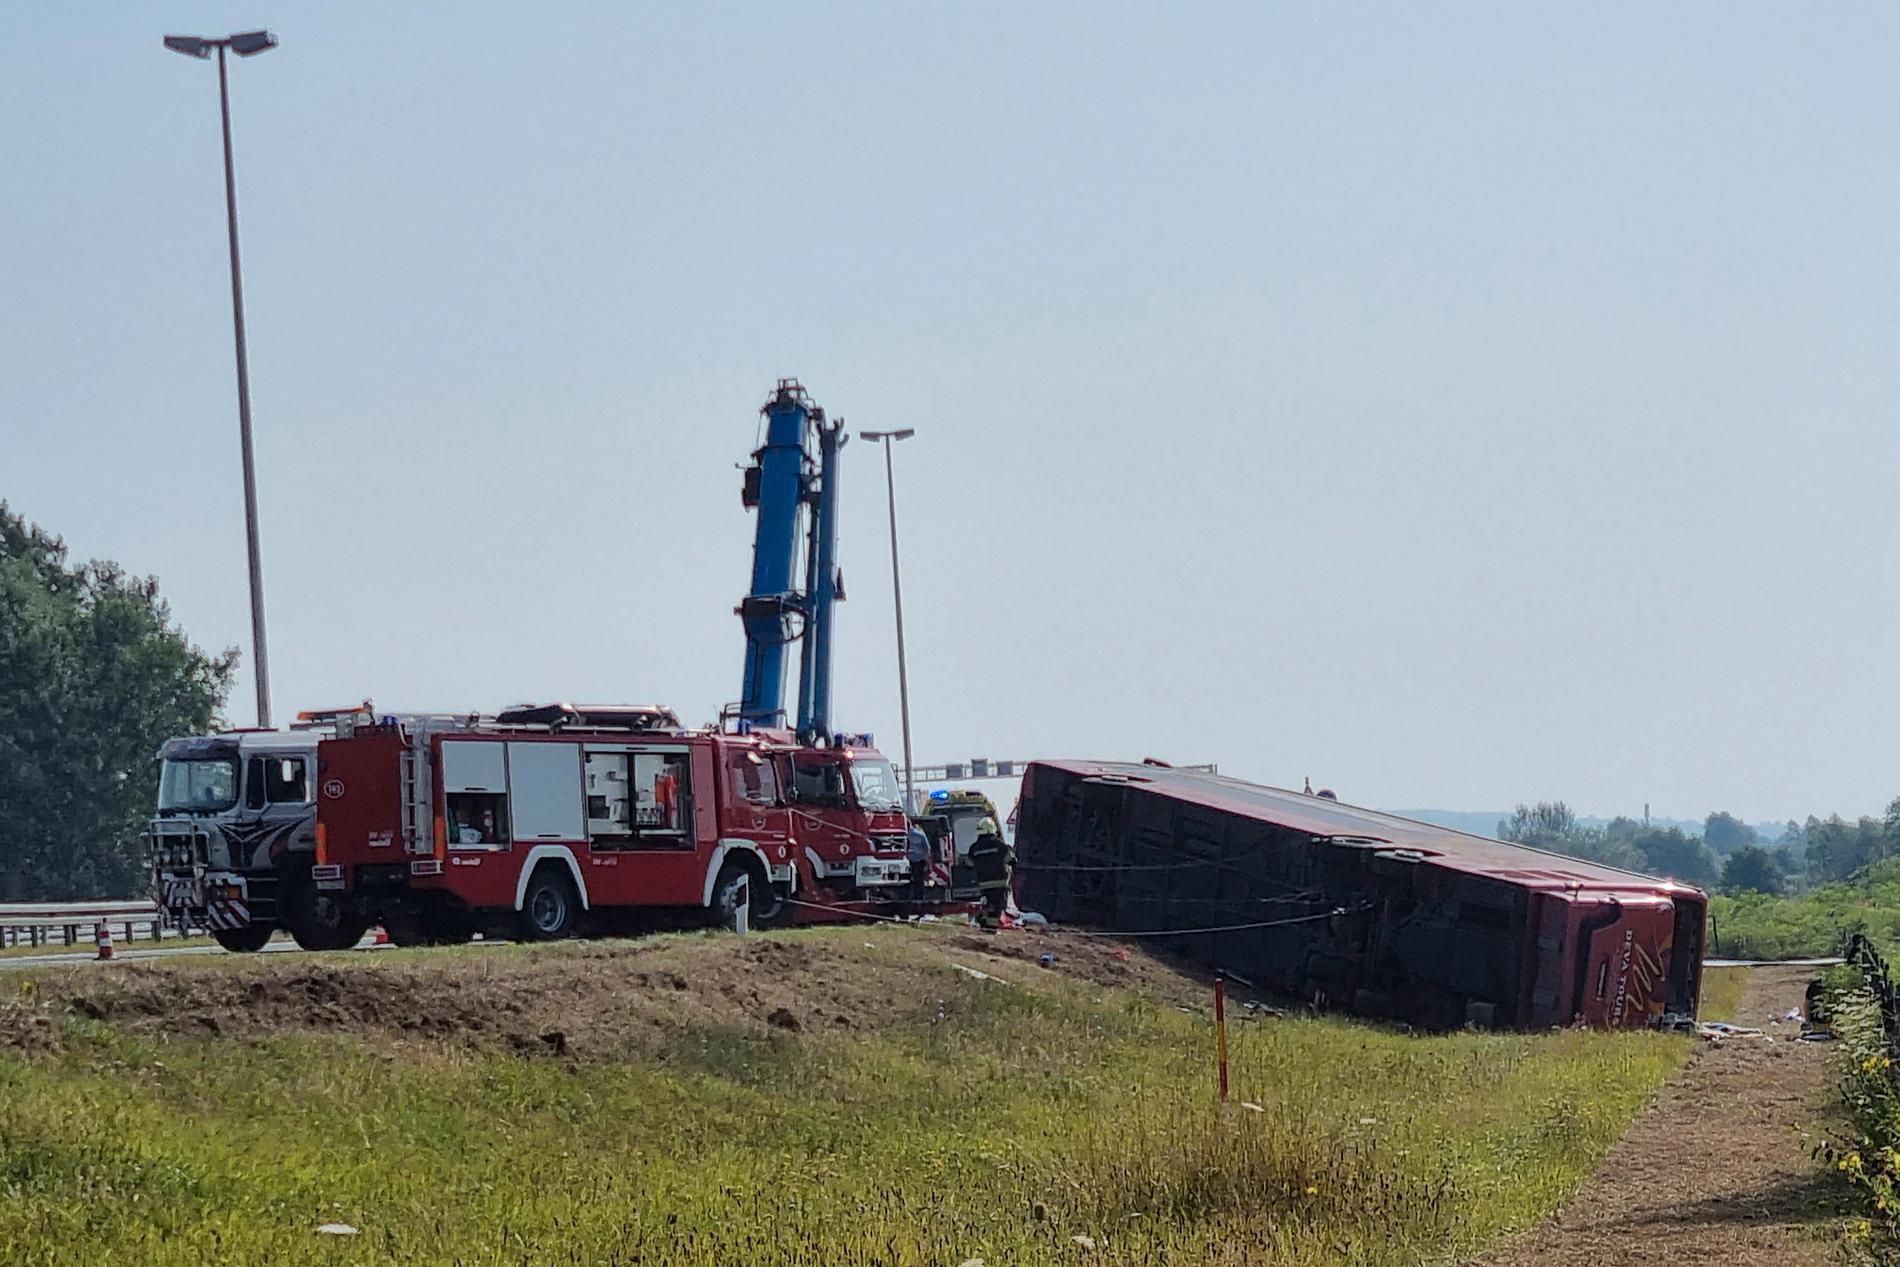 Räddningstjänst arbetar på olycksplatsen där en buss körde av vägen nära staden Slavonski Brod i östra Kroatien.